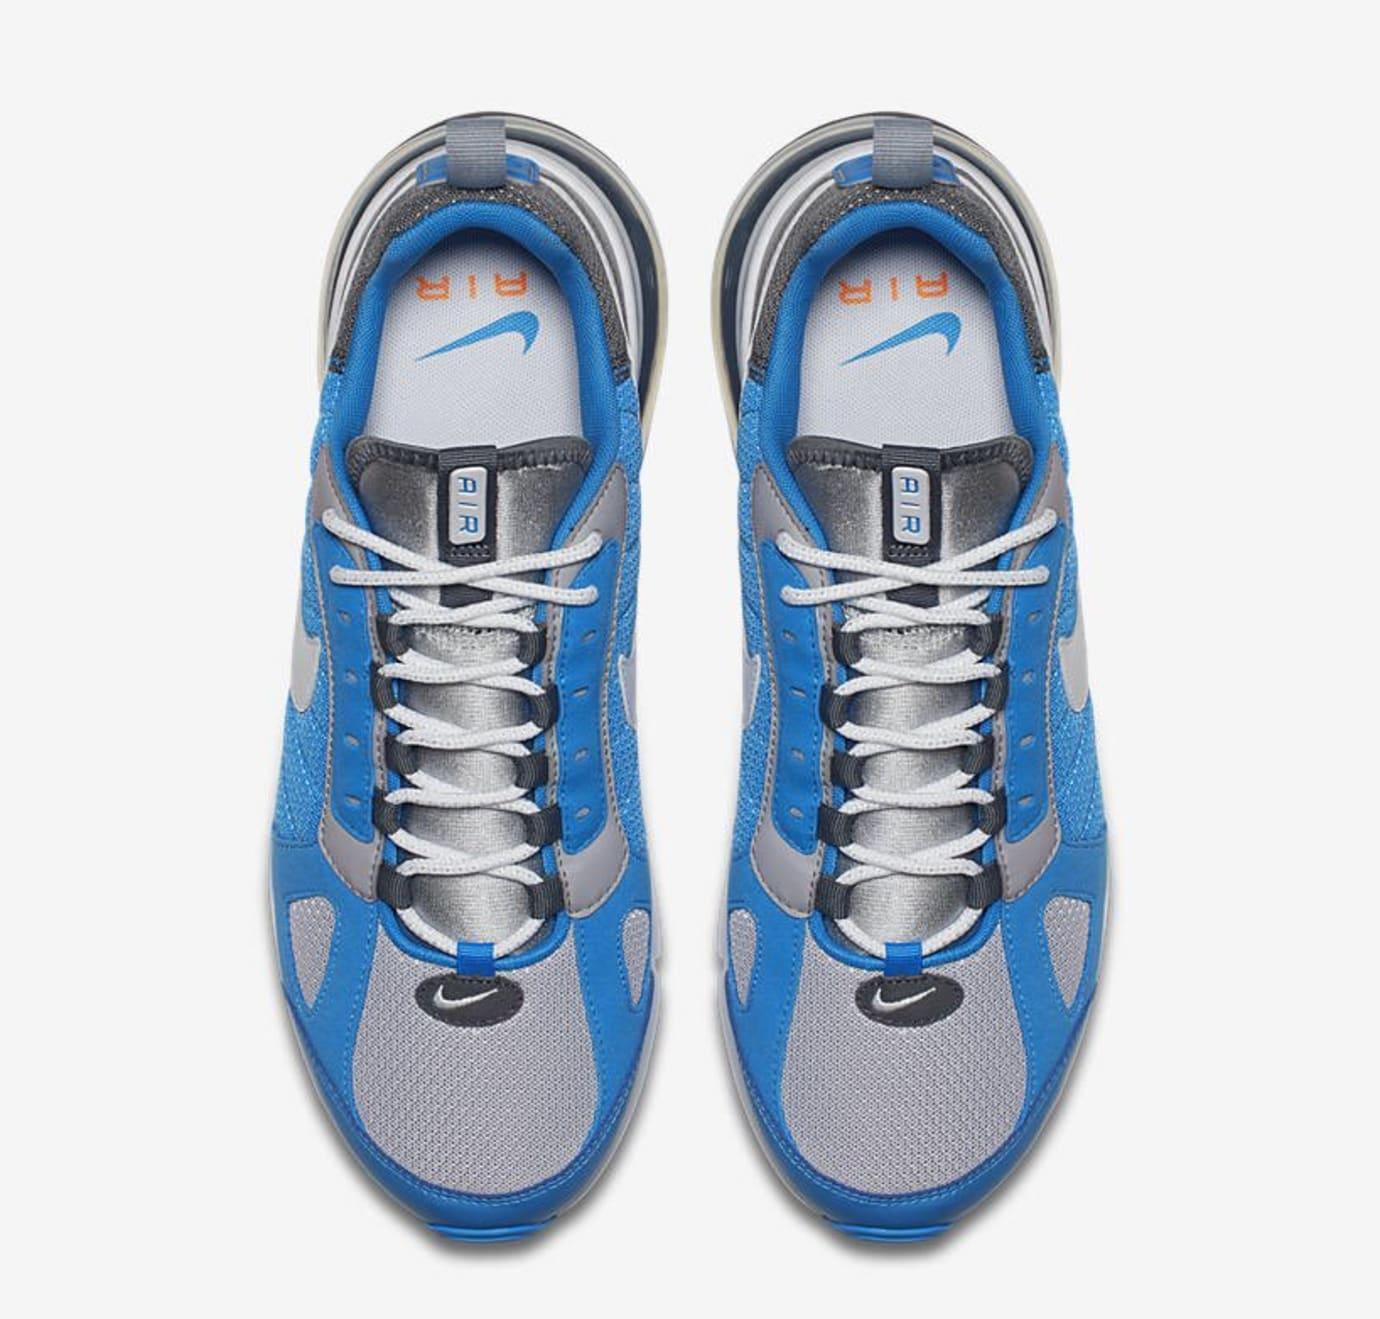 258082b89ce1 Nike Air Max 270 Futura Release Date